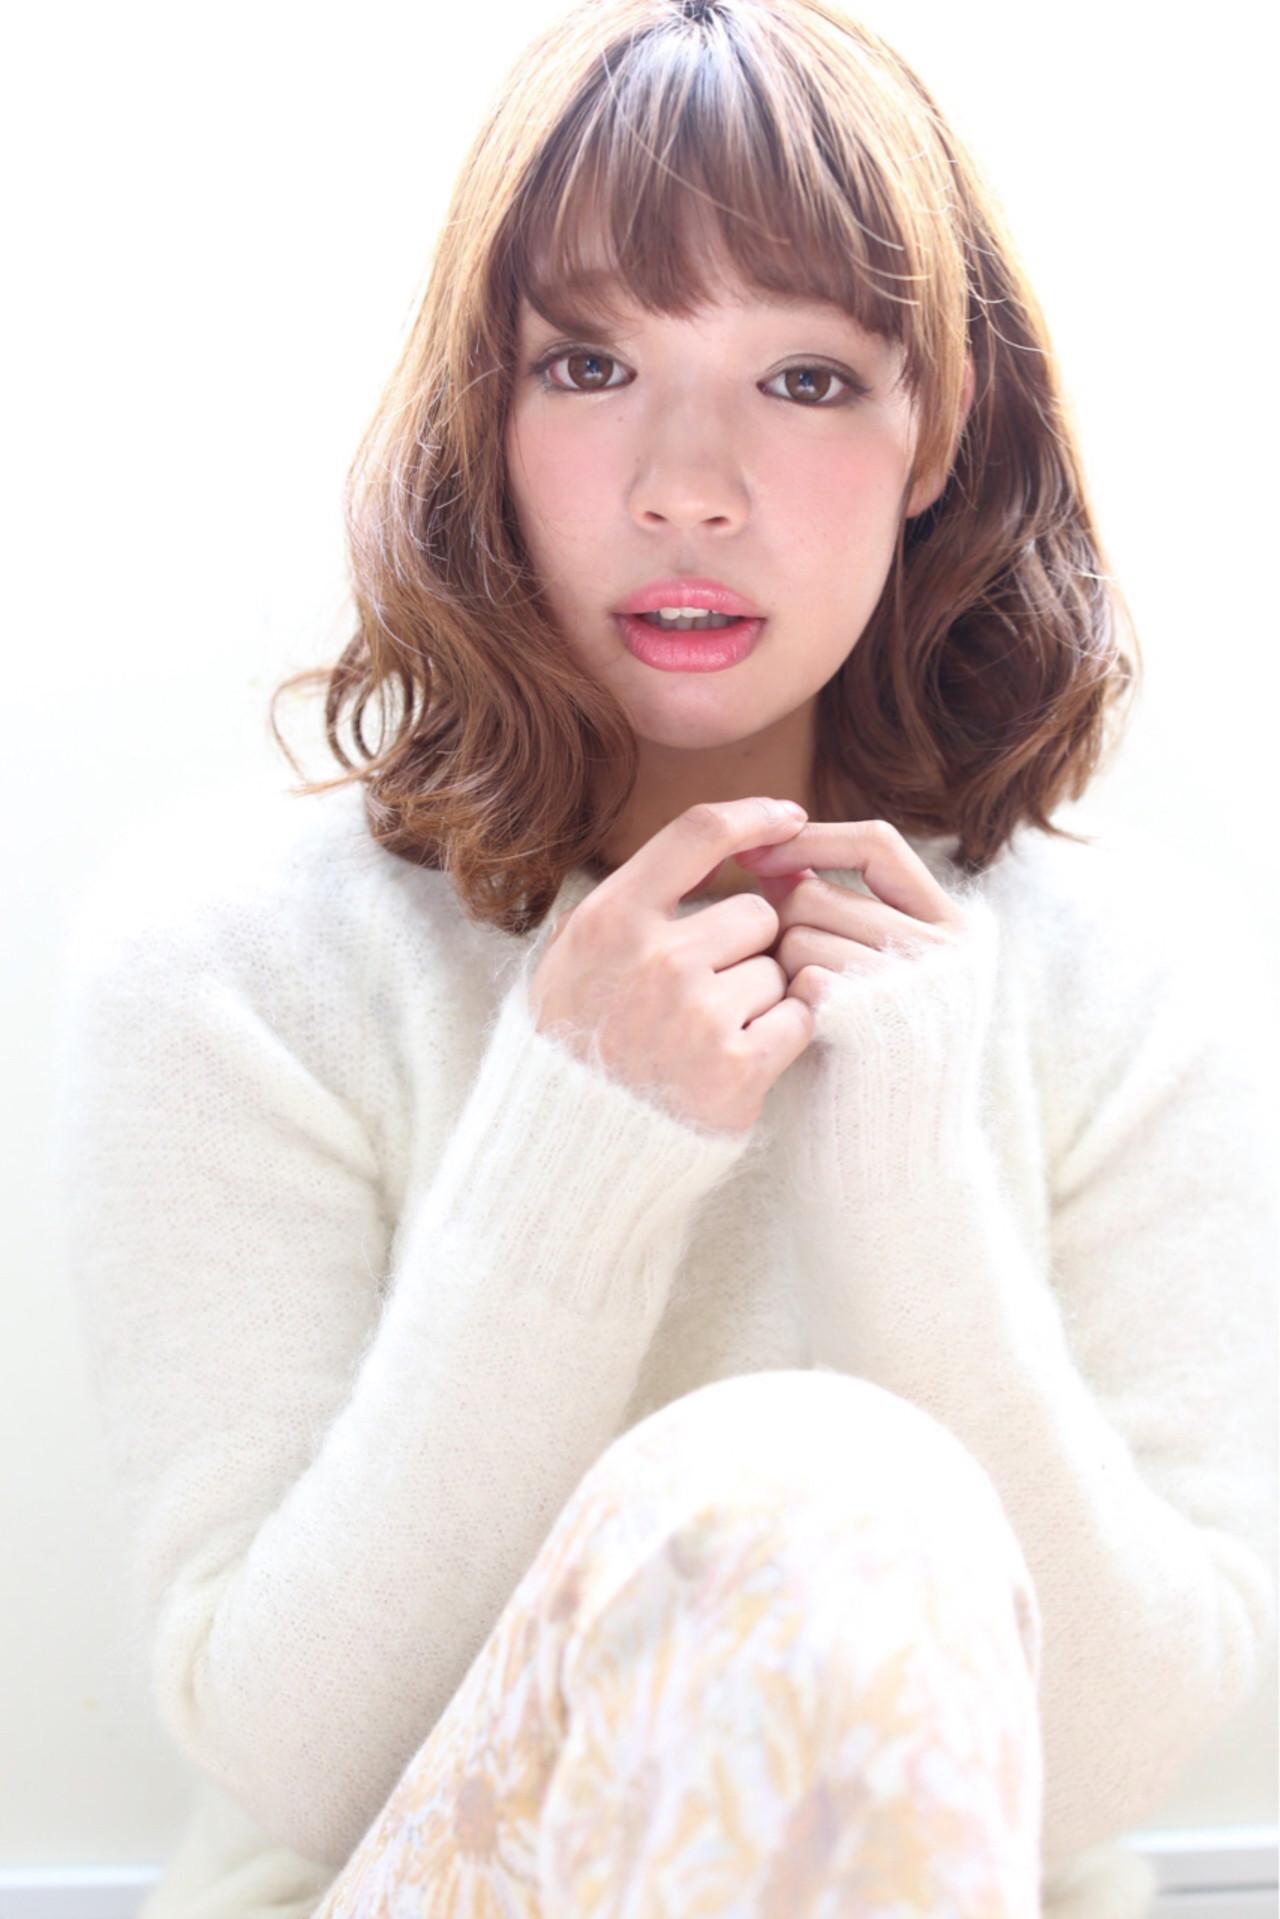 大人かわいい グラデーションカラー ゆるふわ ボブ ヘアスタイルや髪型の写真・画像   黒田 卓磨/musashi / souvenir(スーベニール)